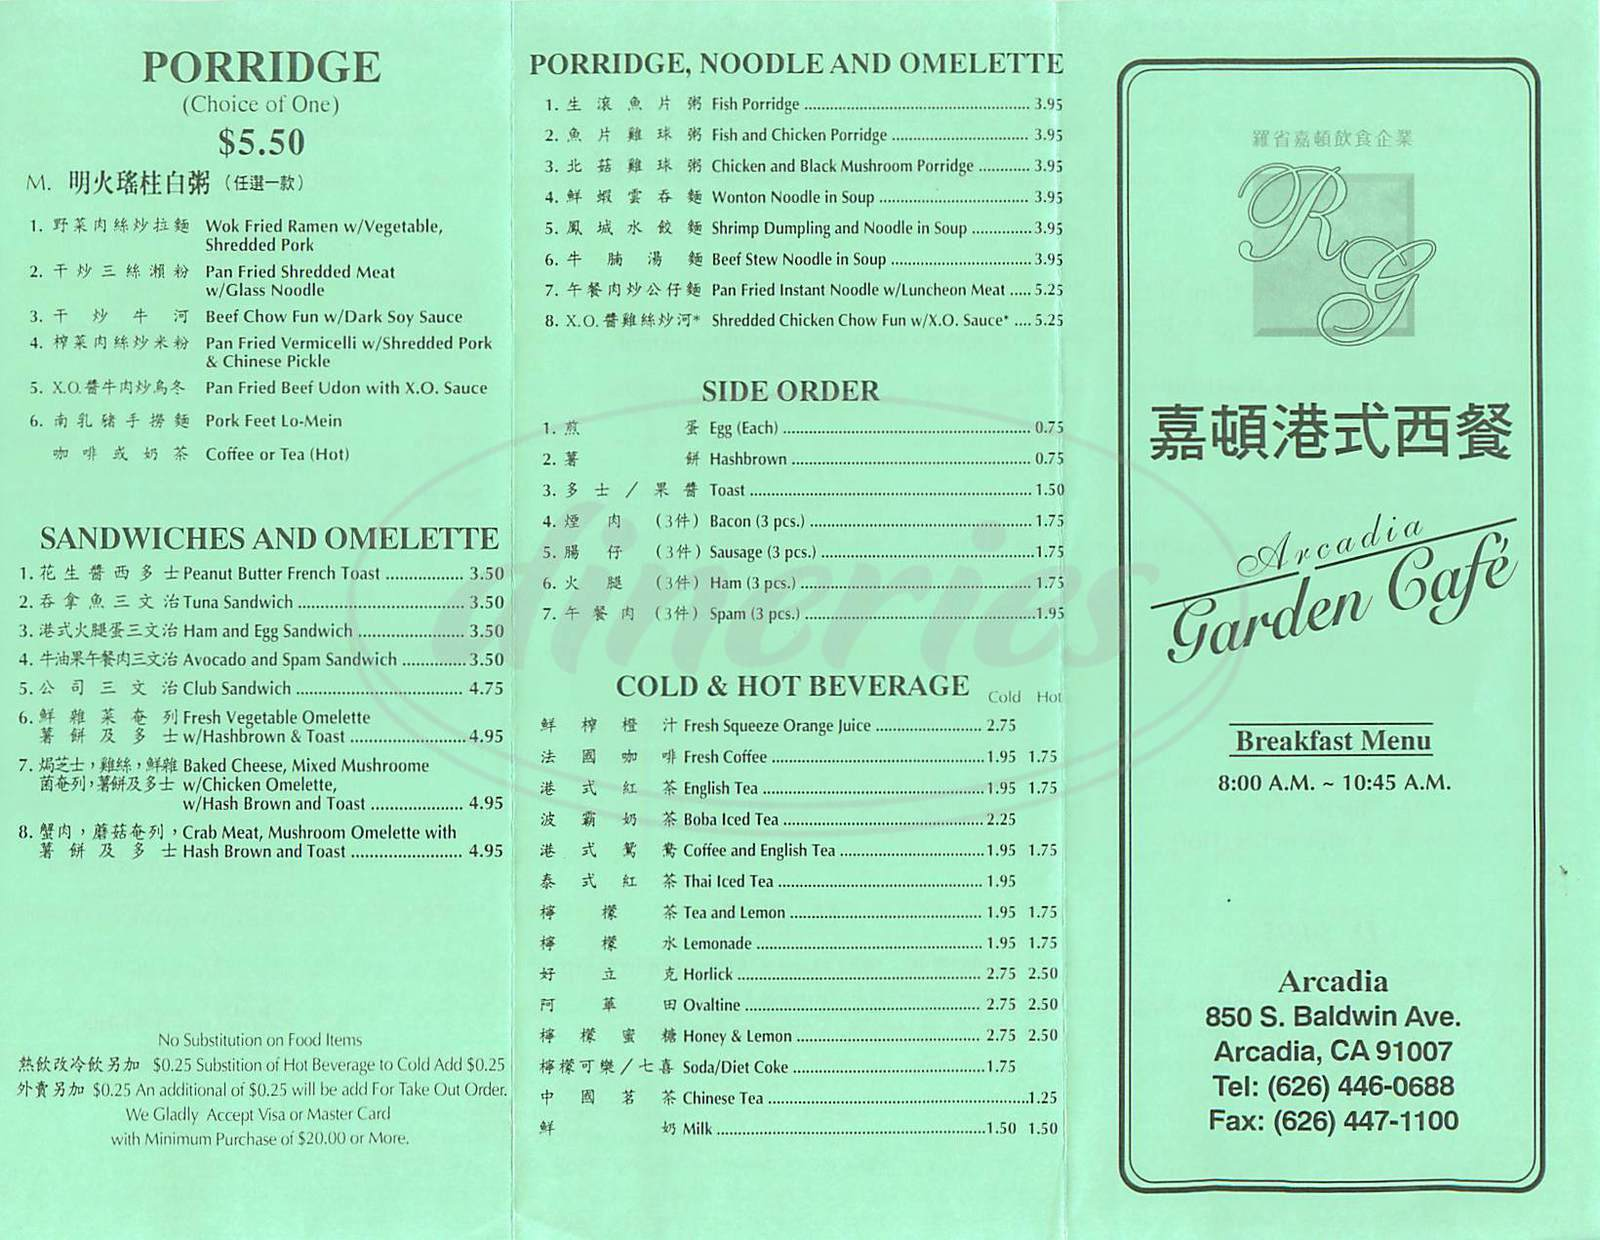 menu for Arcadia Garden Café